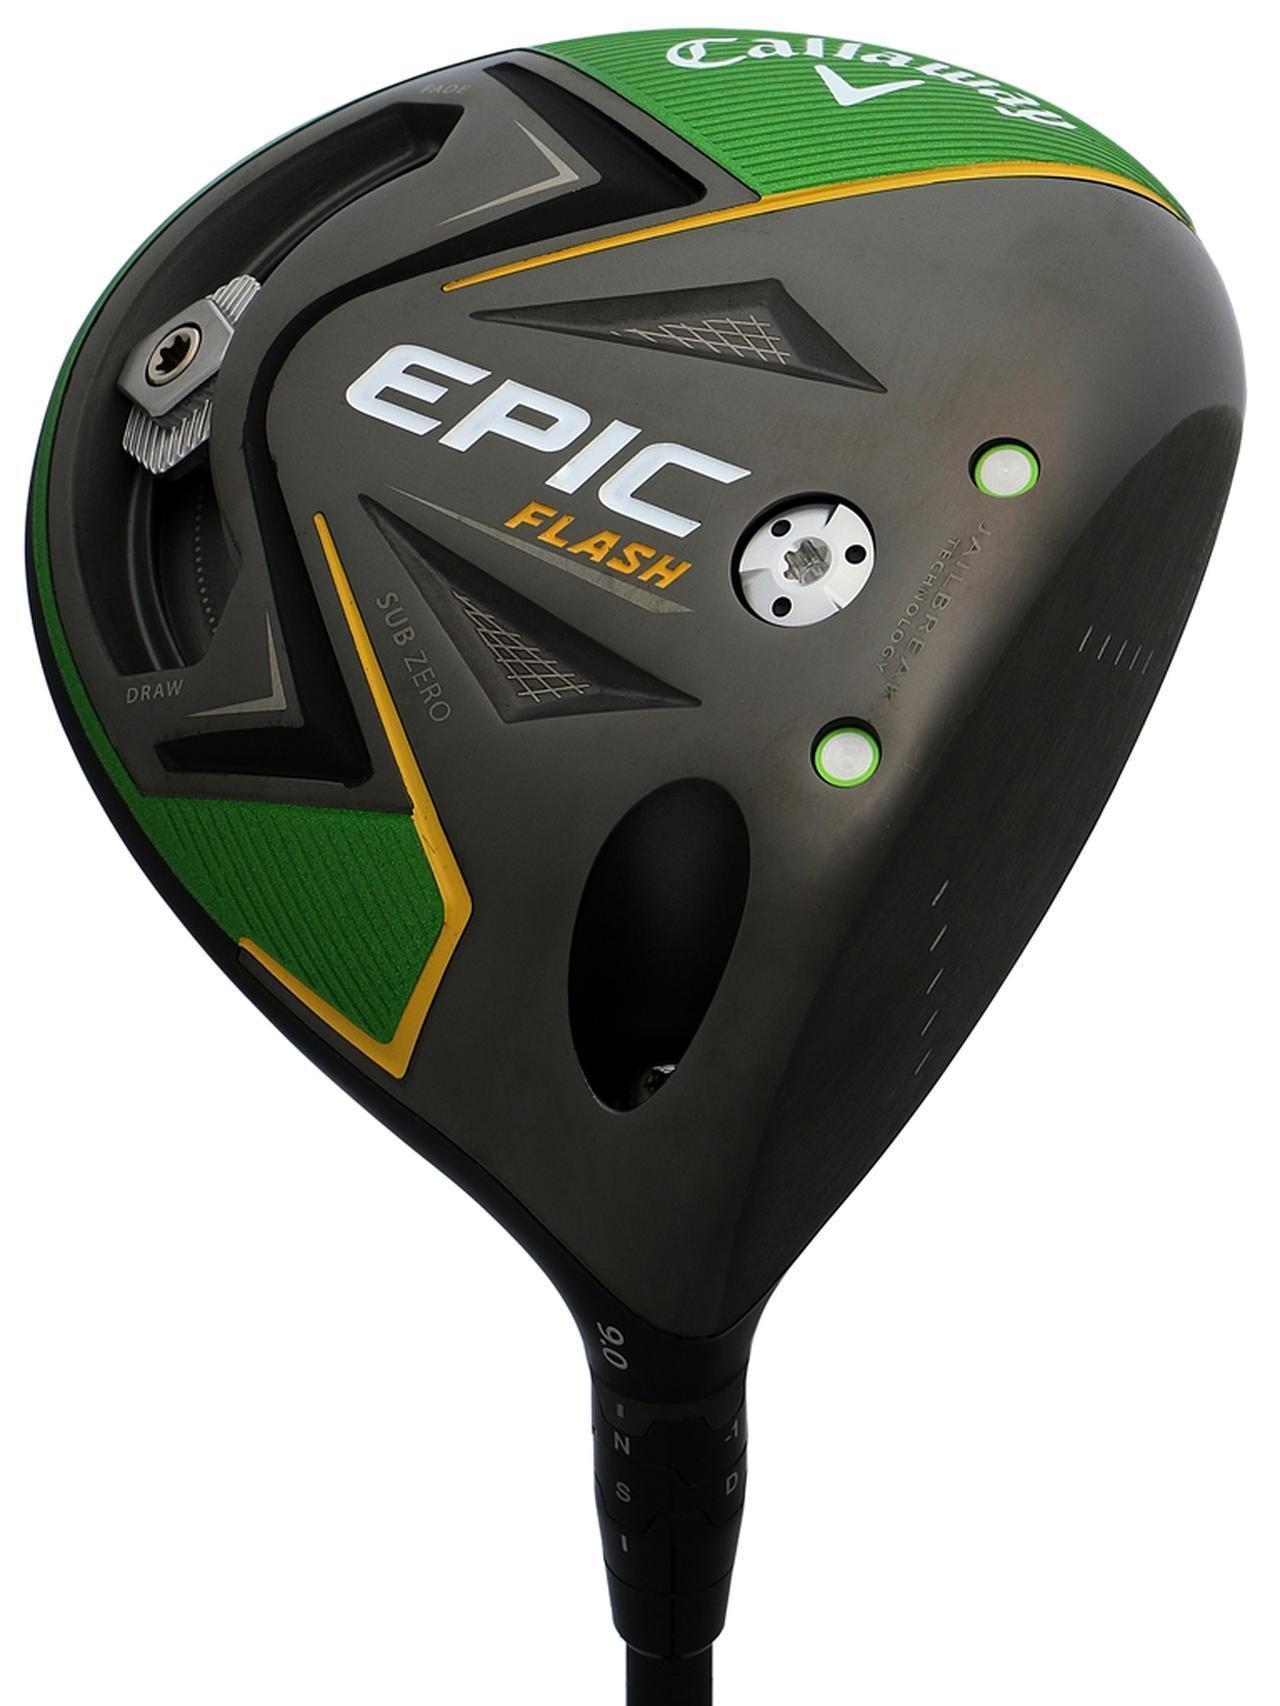 画像: EPIC FLASH STAR(キャロウェイ) ネックの調整機能をなくし、その重量で上げやすさとつかまりを向上